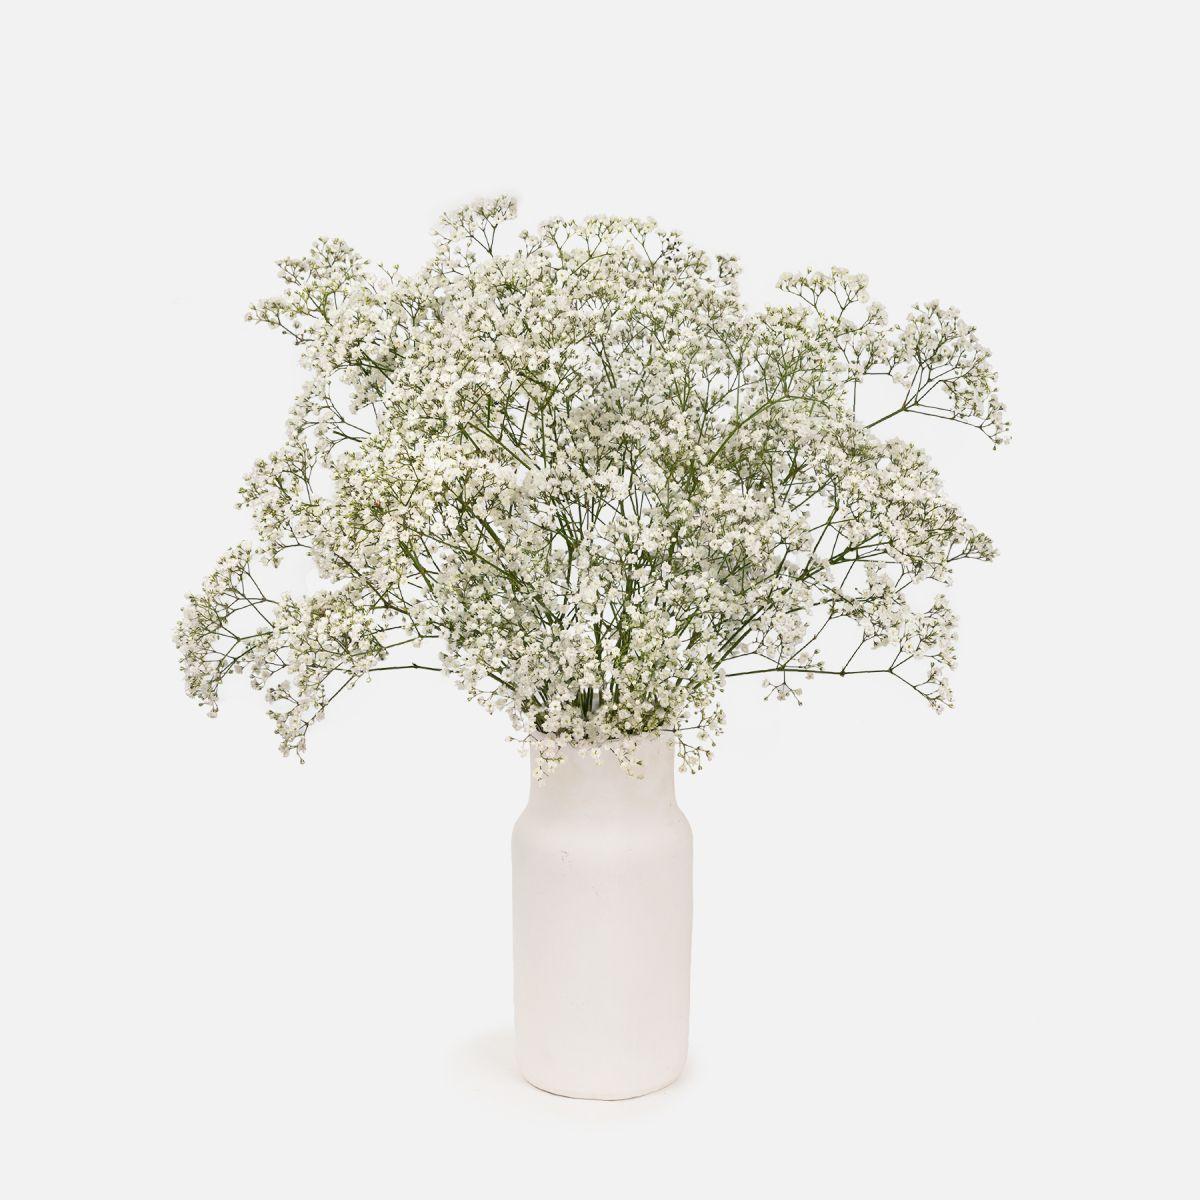 Fiori a domicilio - Panicolata Bianca - White Caress  - Colvin